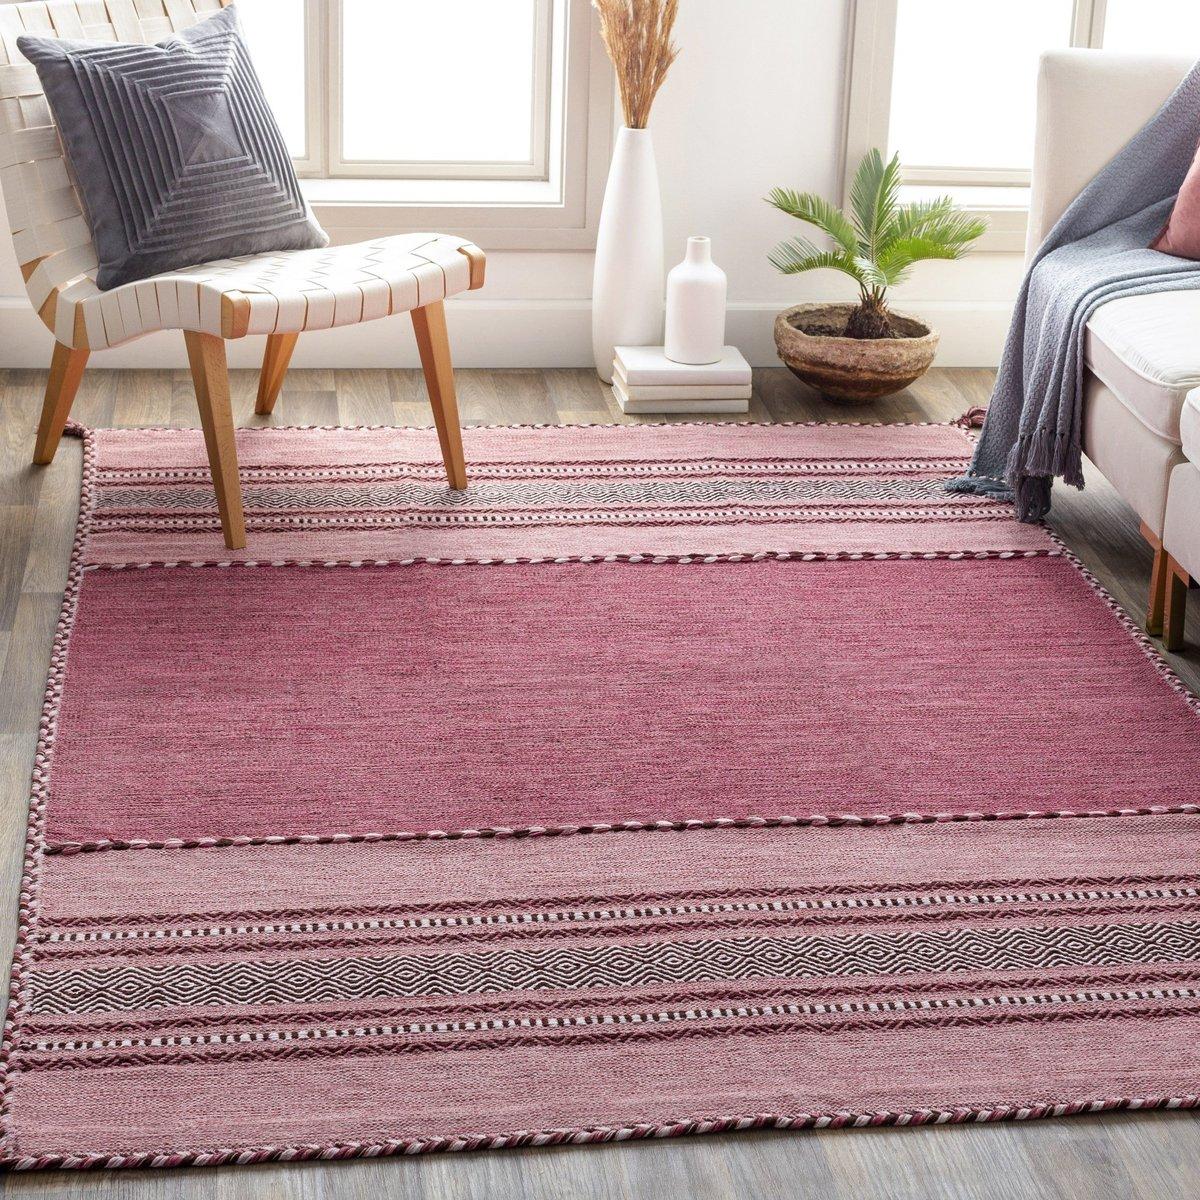 Soft and Comfy Boho Living Room Ideas